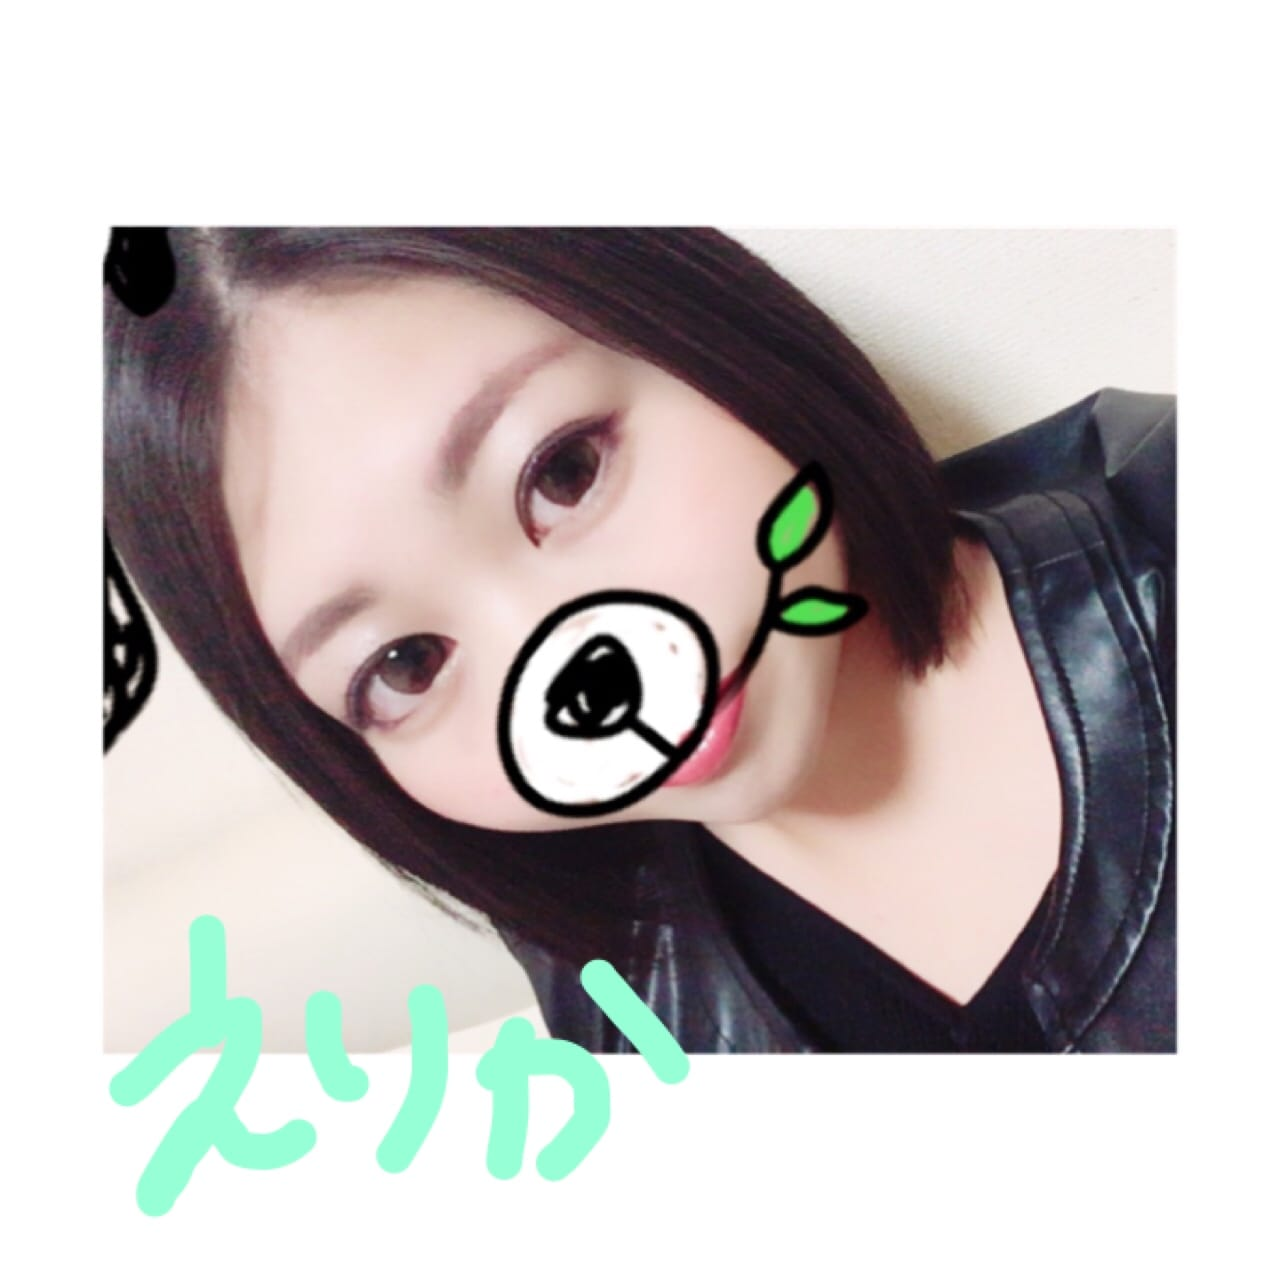 「こんばんは!」01/22(月) 23:06 | ドラマ◆えりかの写メ・風俗動画